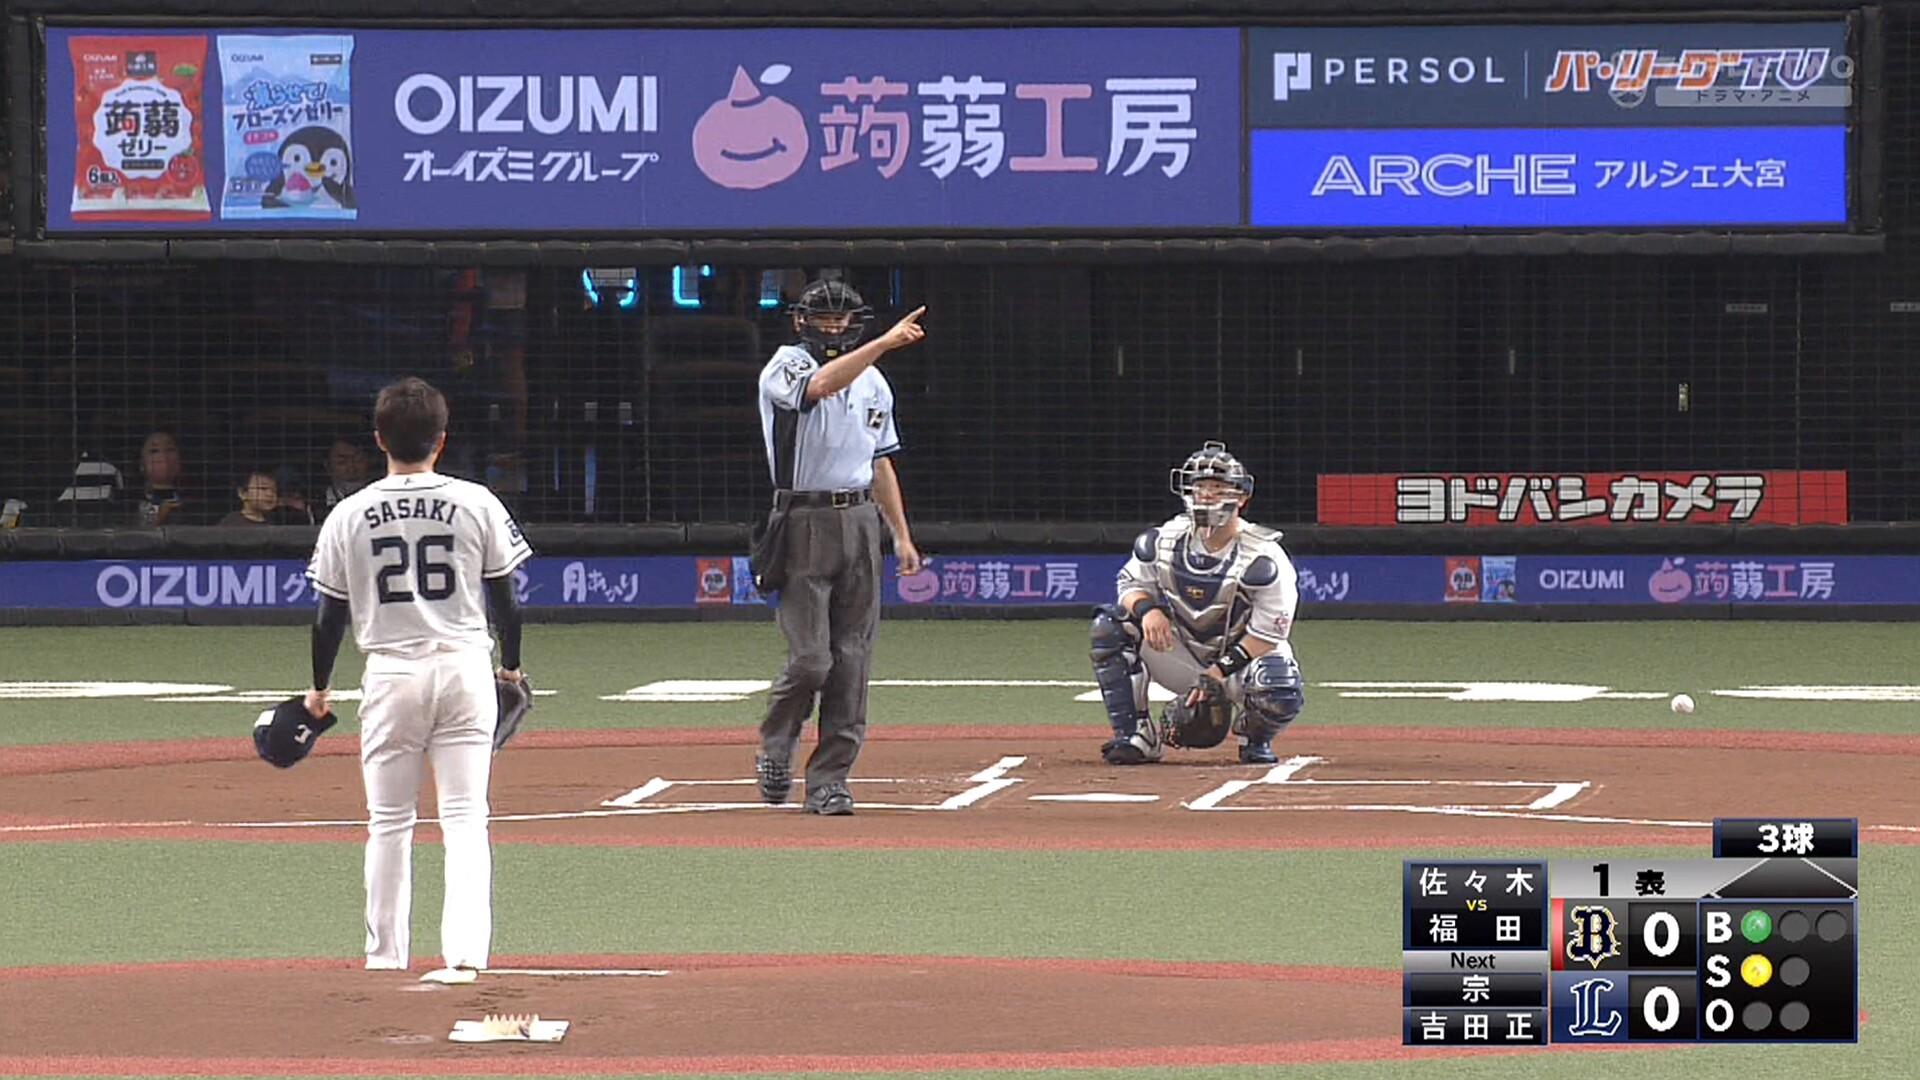 西武・ドラ2佐々木健、わずか3球で危険球退場 打者1人で退場は史上初